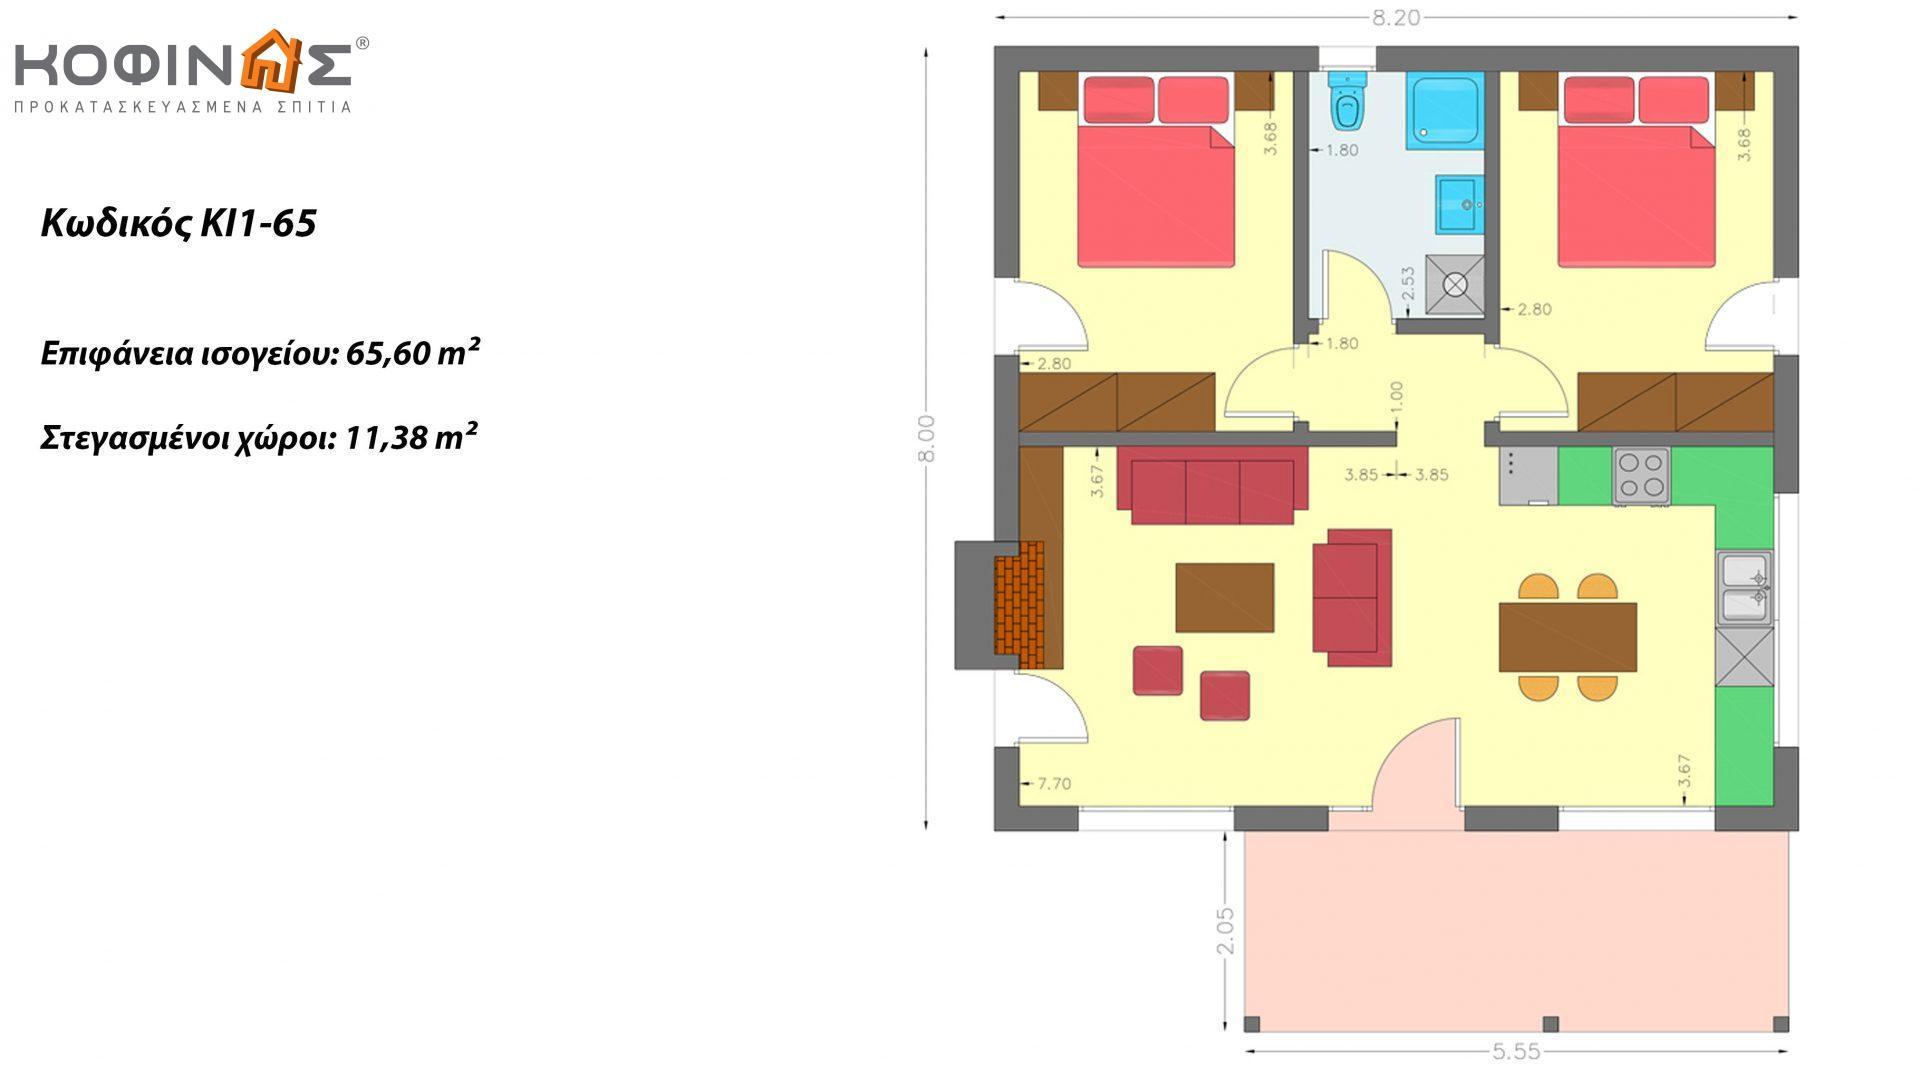 Ισόγεια Κατοικία KI1-65 συνολικής επιφάνειας 65,60 τ.μ., στεγασμένοι χώροι 11,38 τ.μ